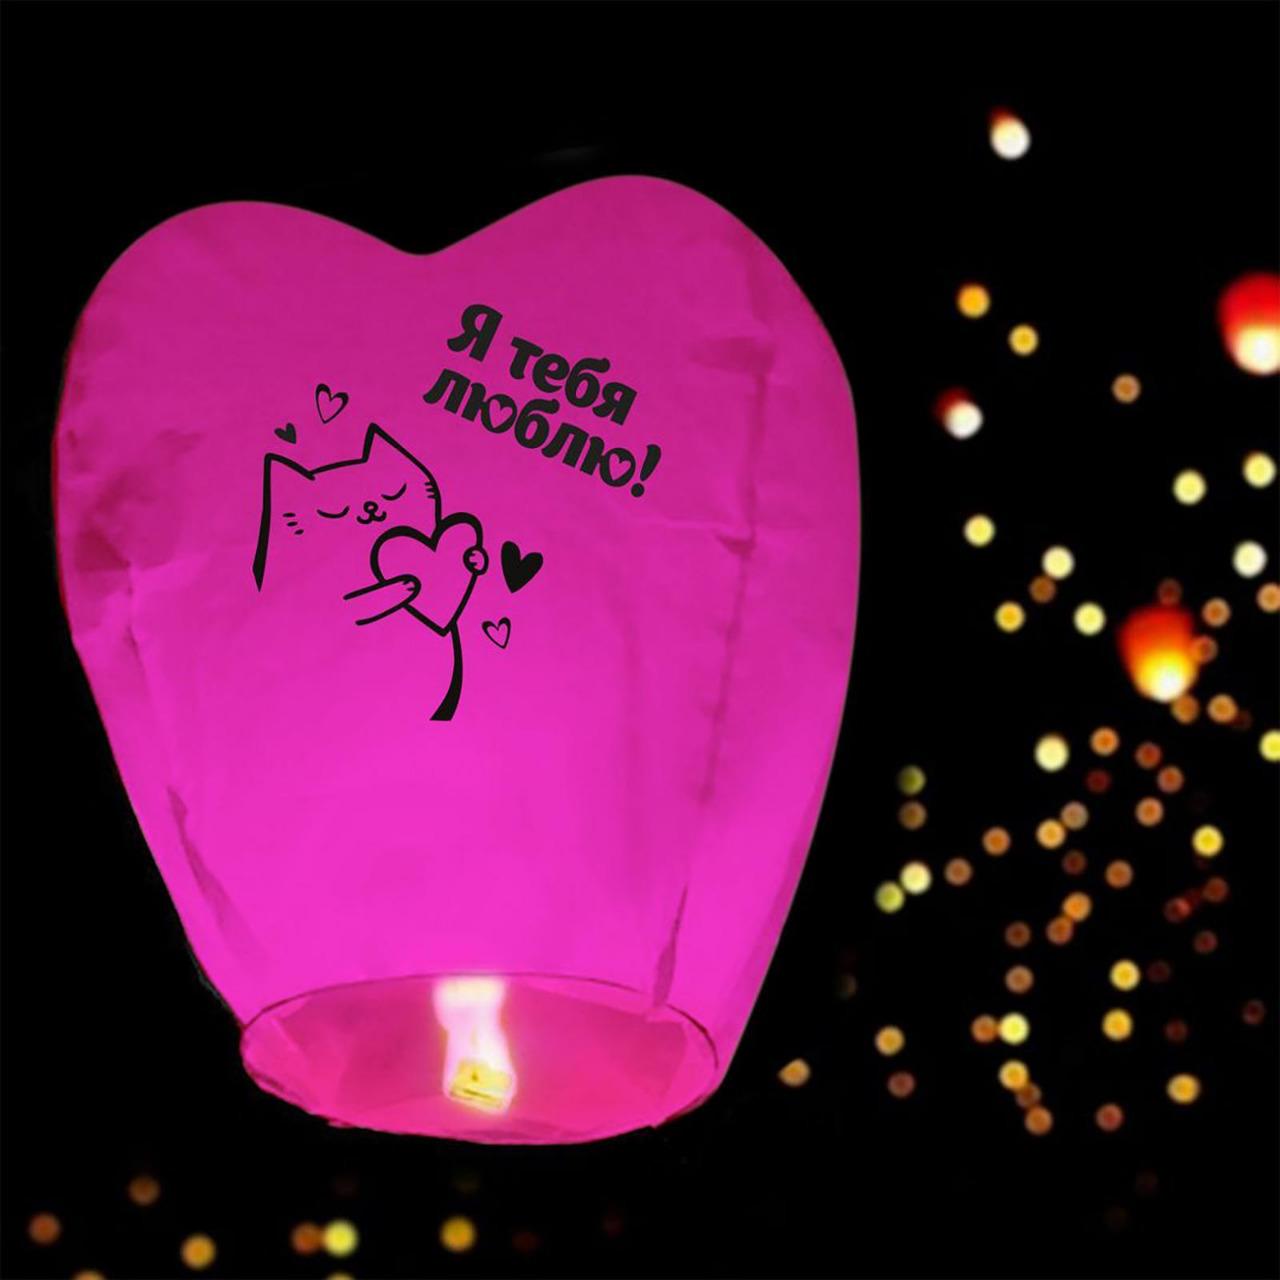 Фонарик желаний «Я тебя люблю» сердце, розовый